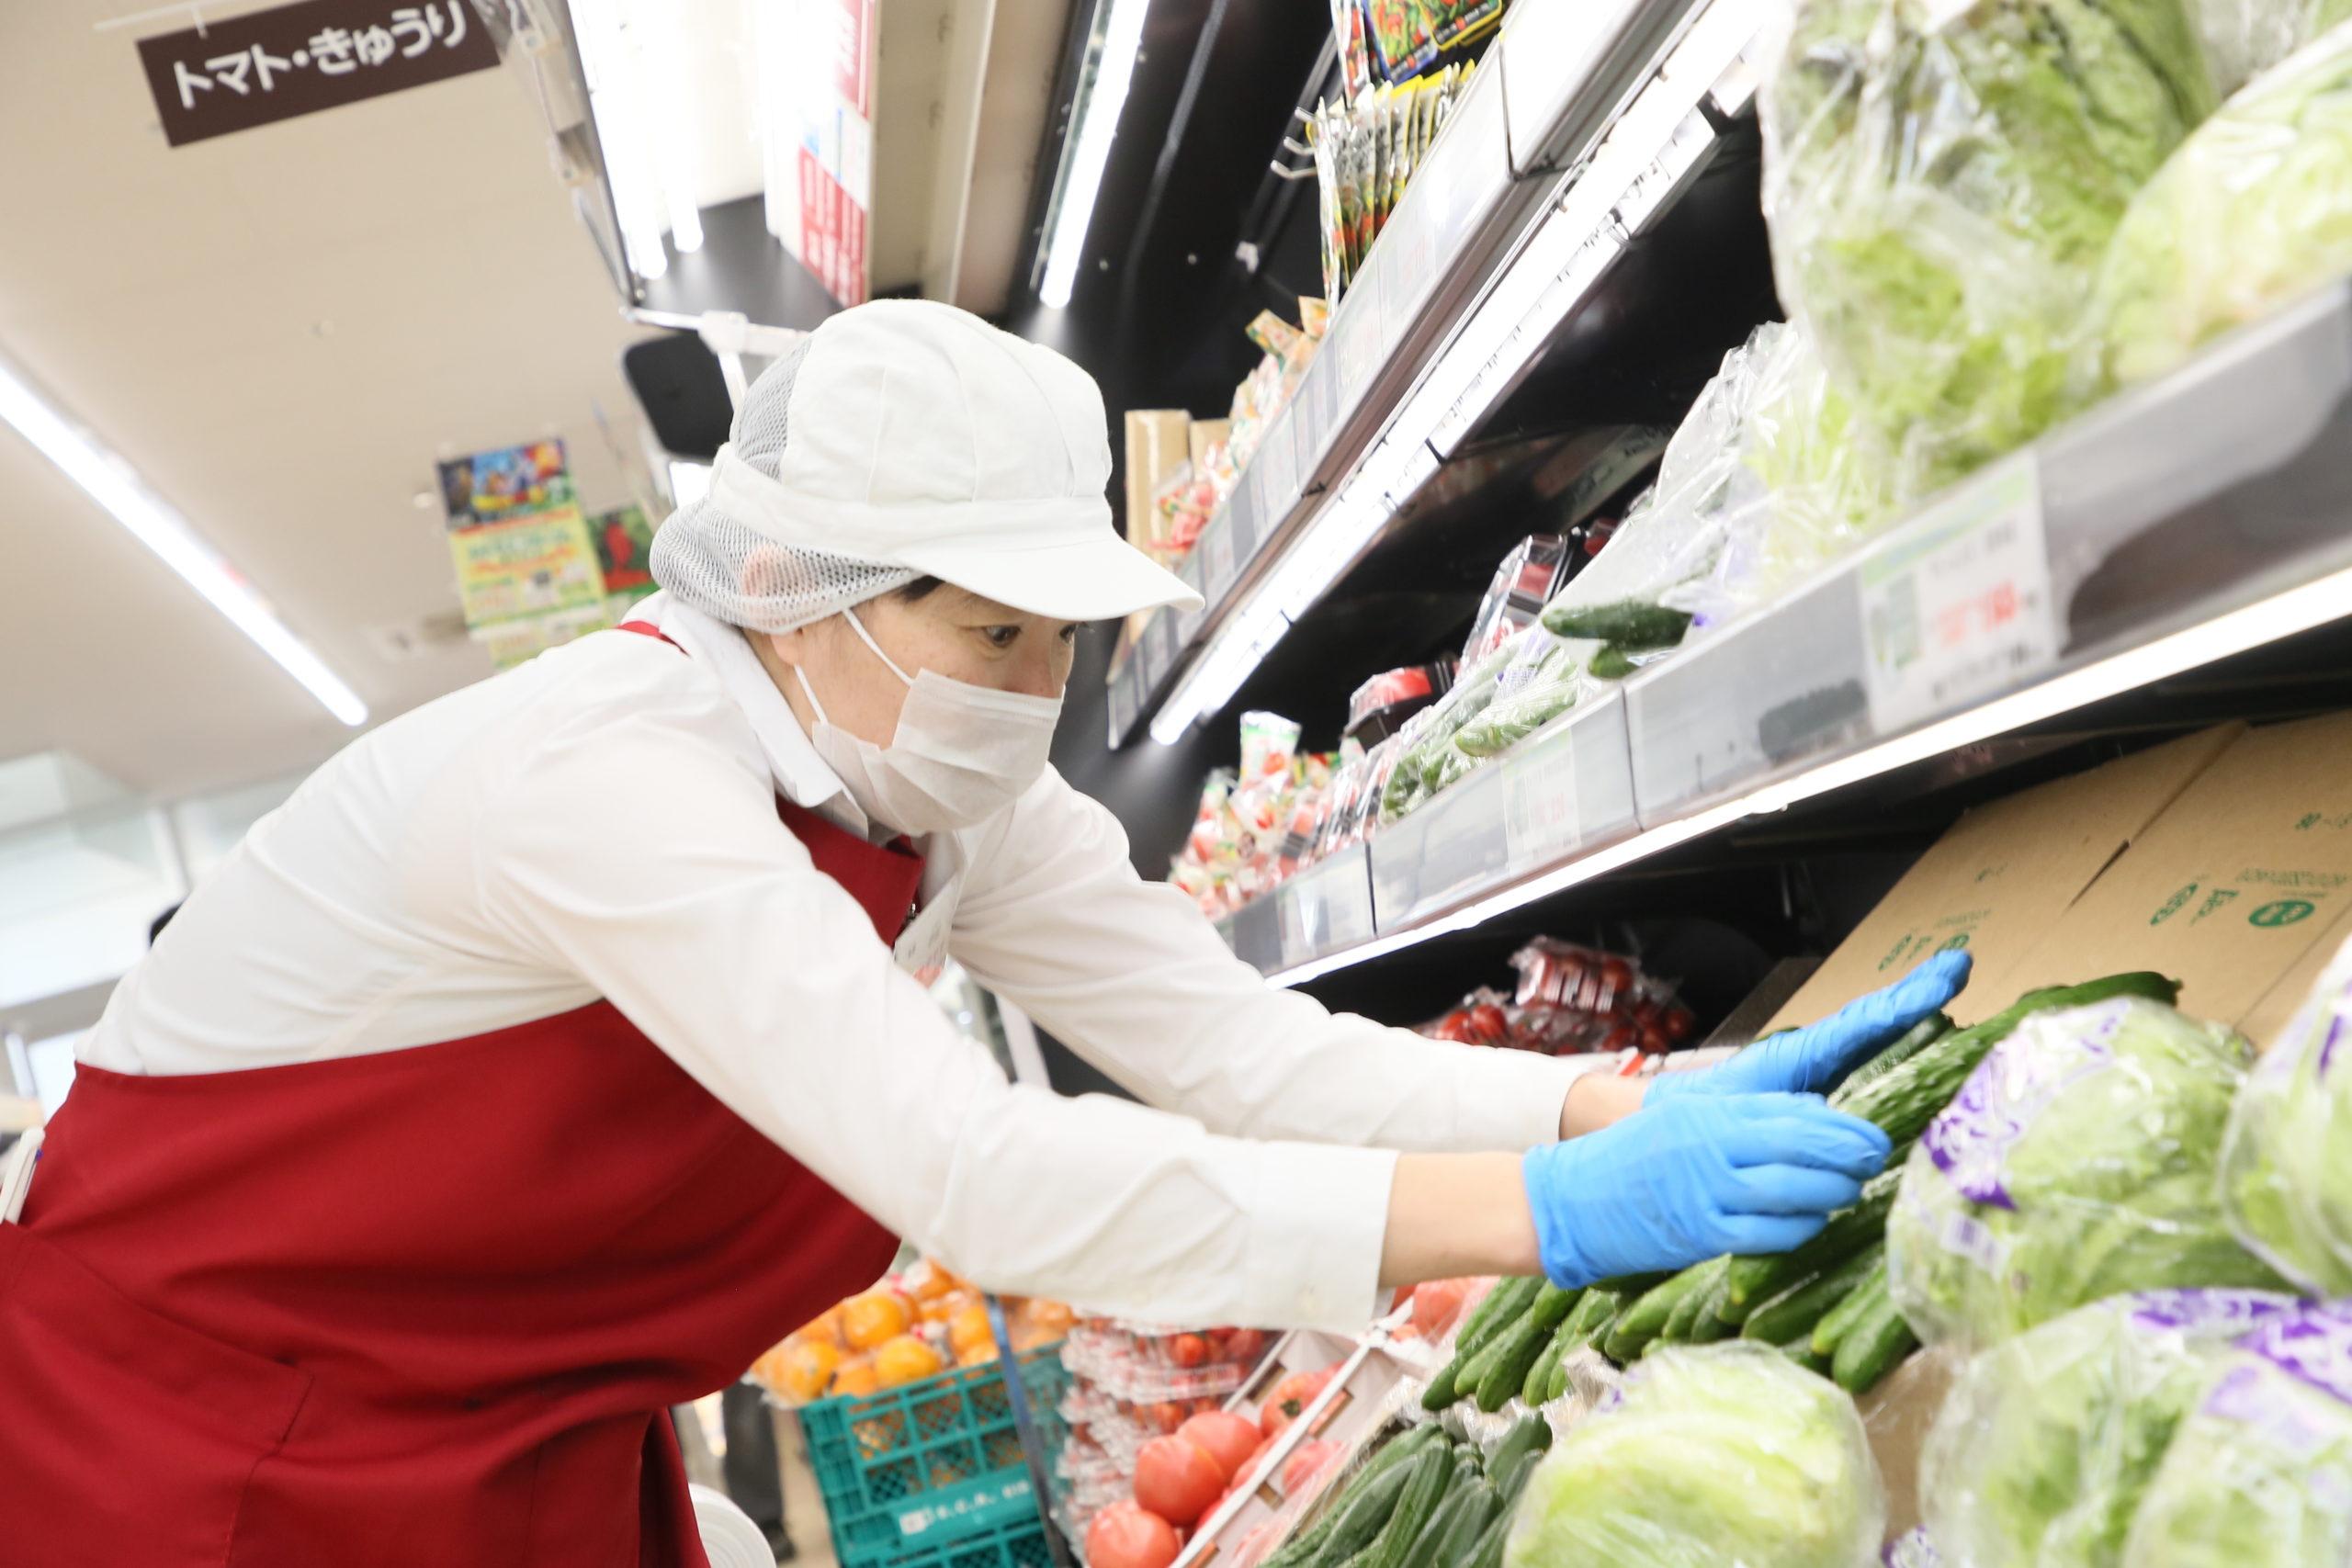 青果コーナーで野菜を並べる女性スタッフ